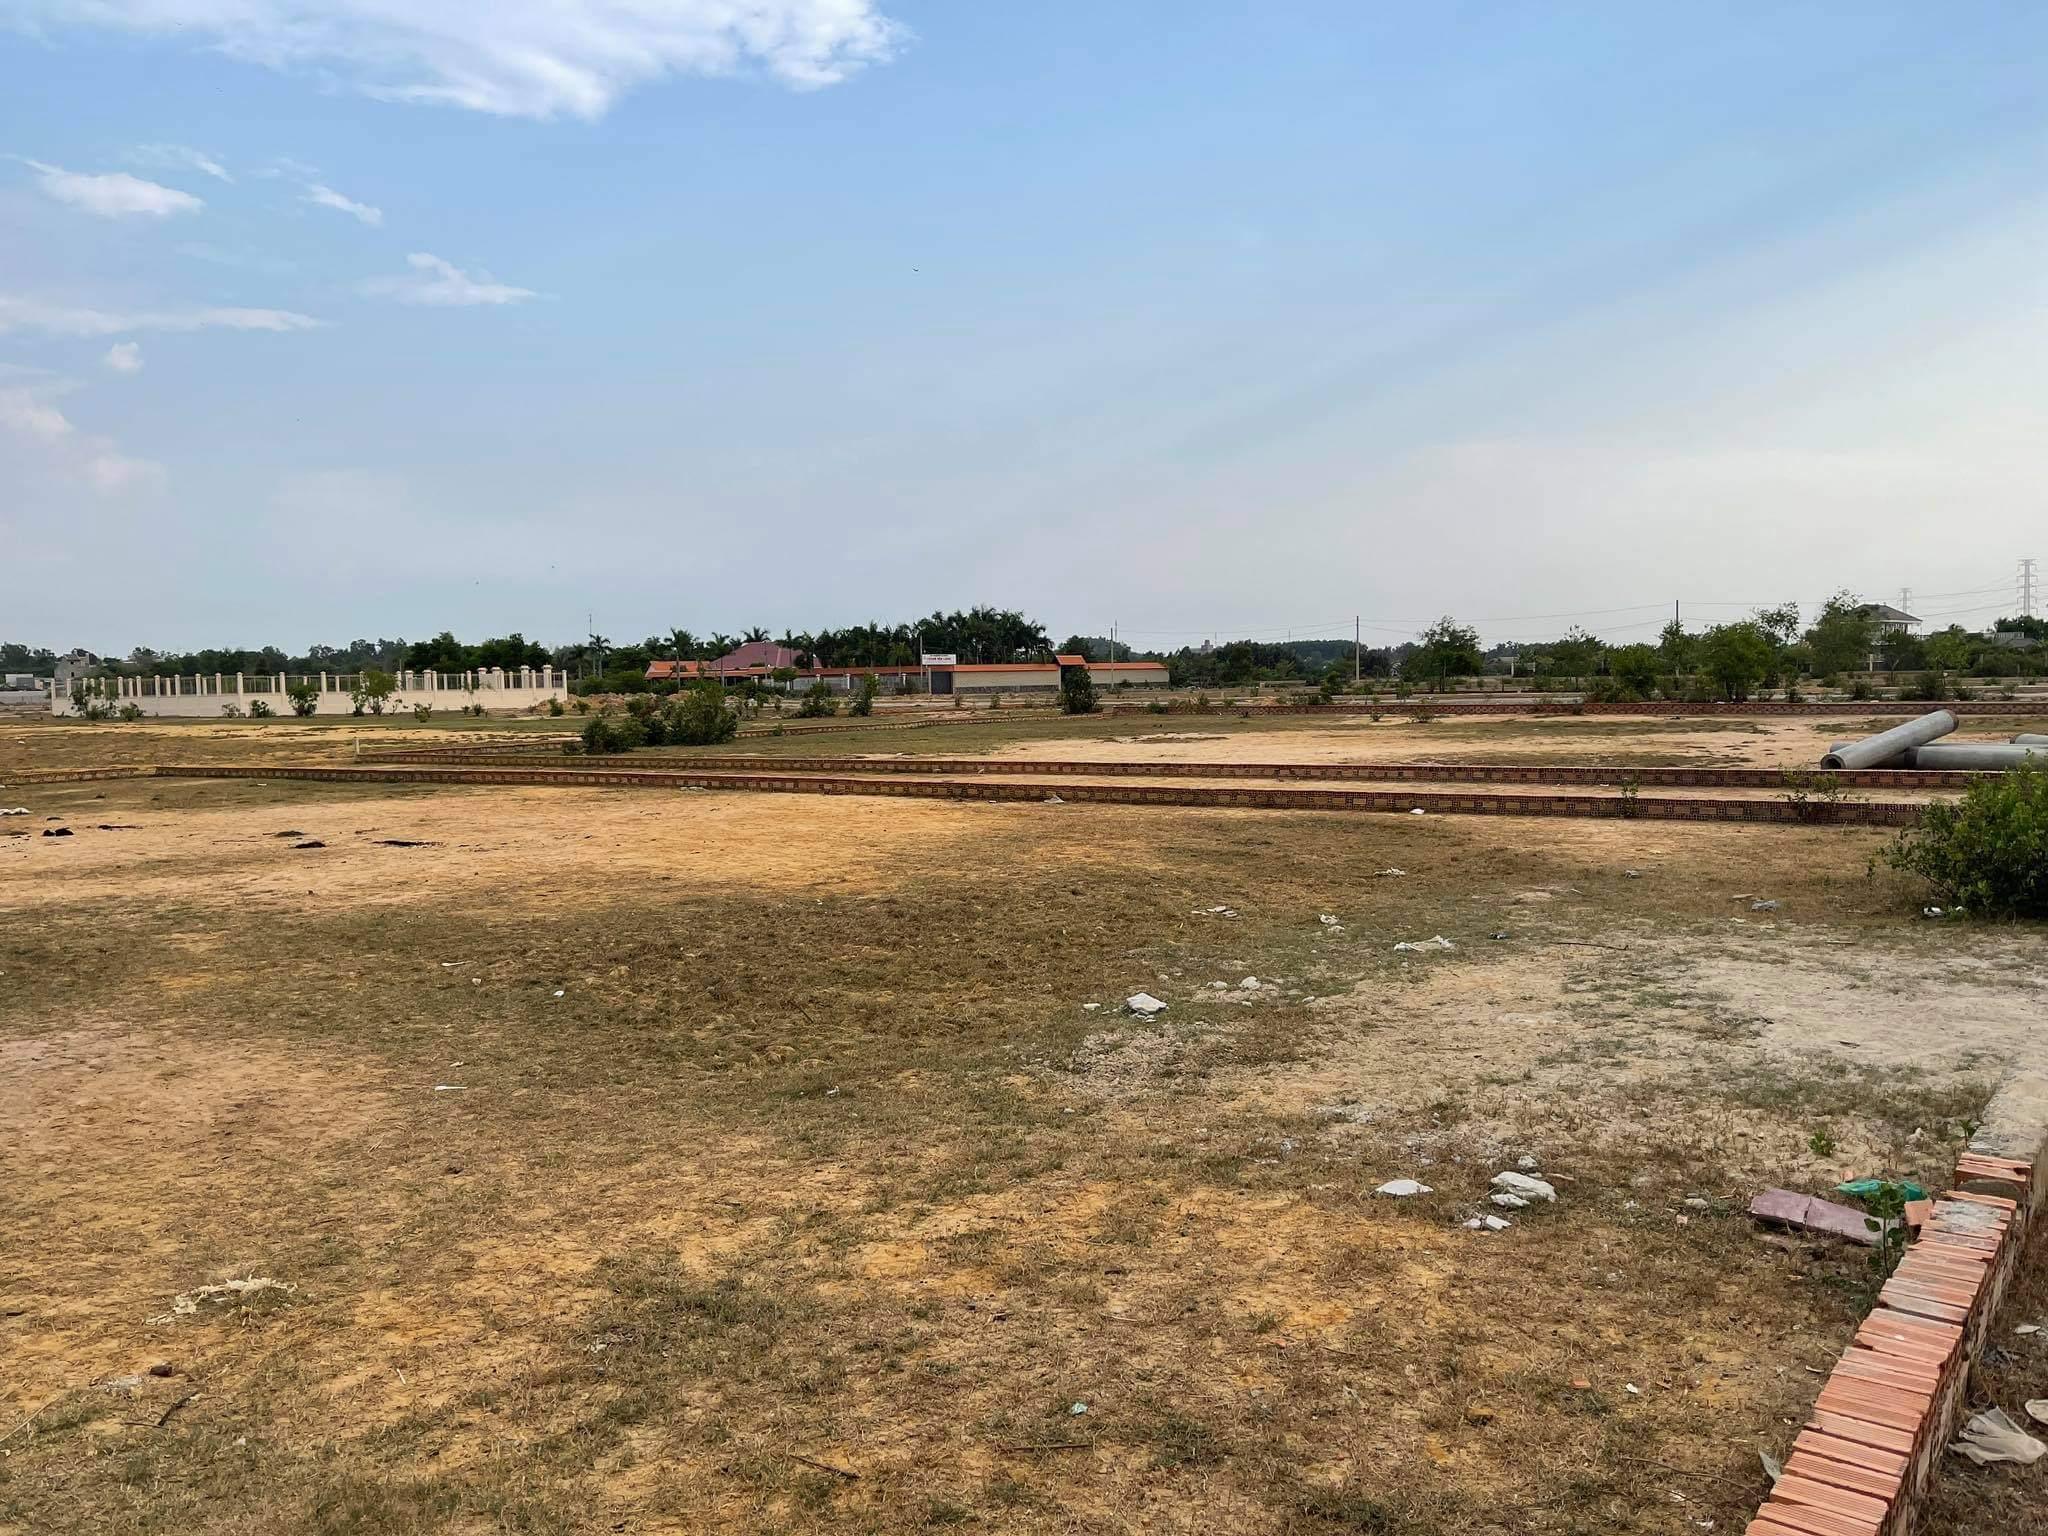 Nhiều khu dân cư, biệt thự bỏ hoang la liệt tại Đồng Nai sau những cơn sốt đất - Ảnh 5.